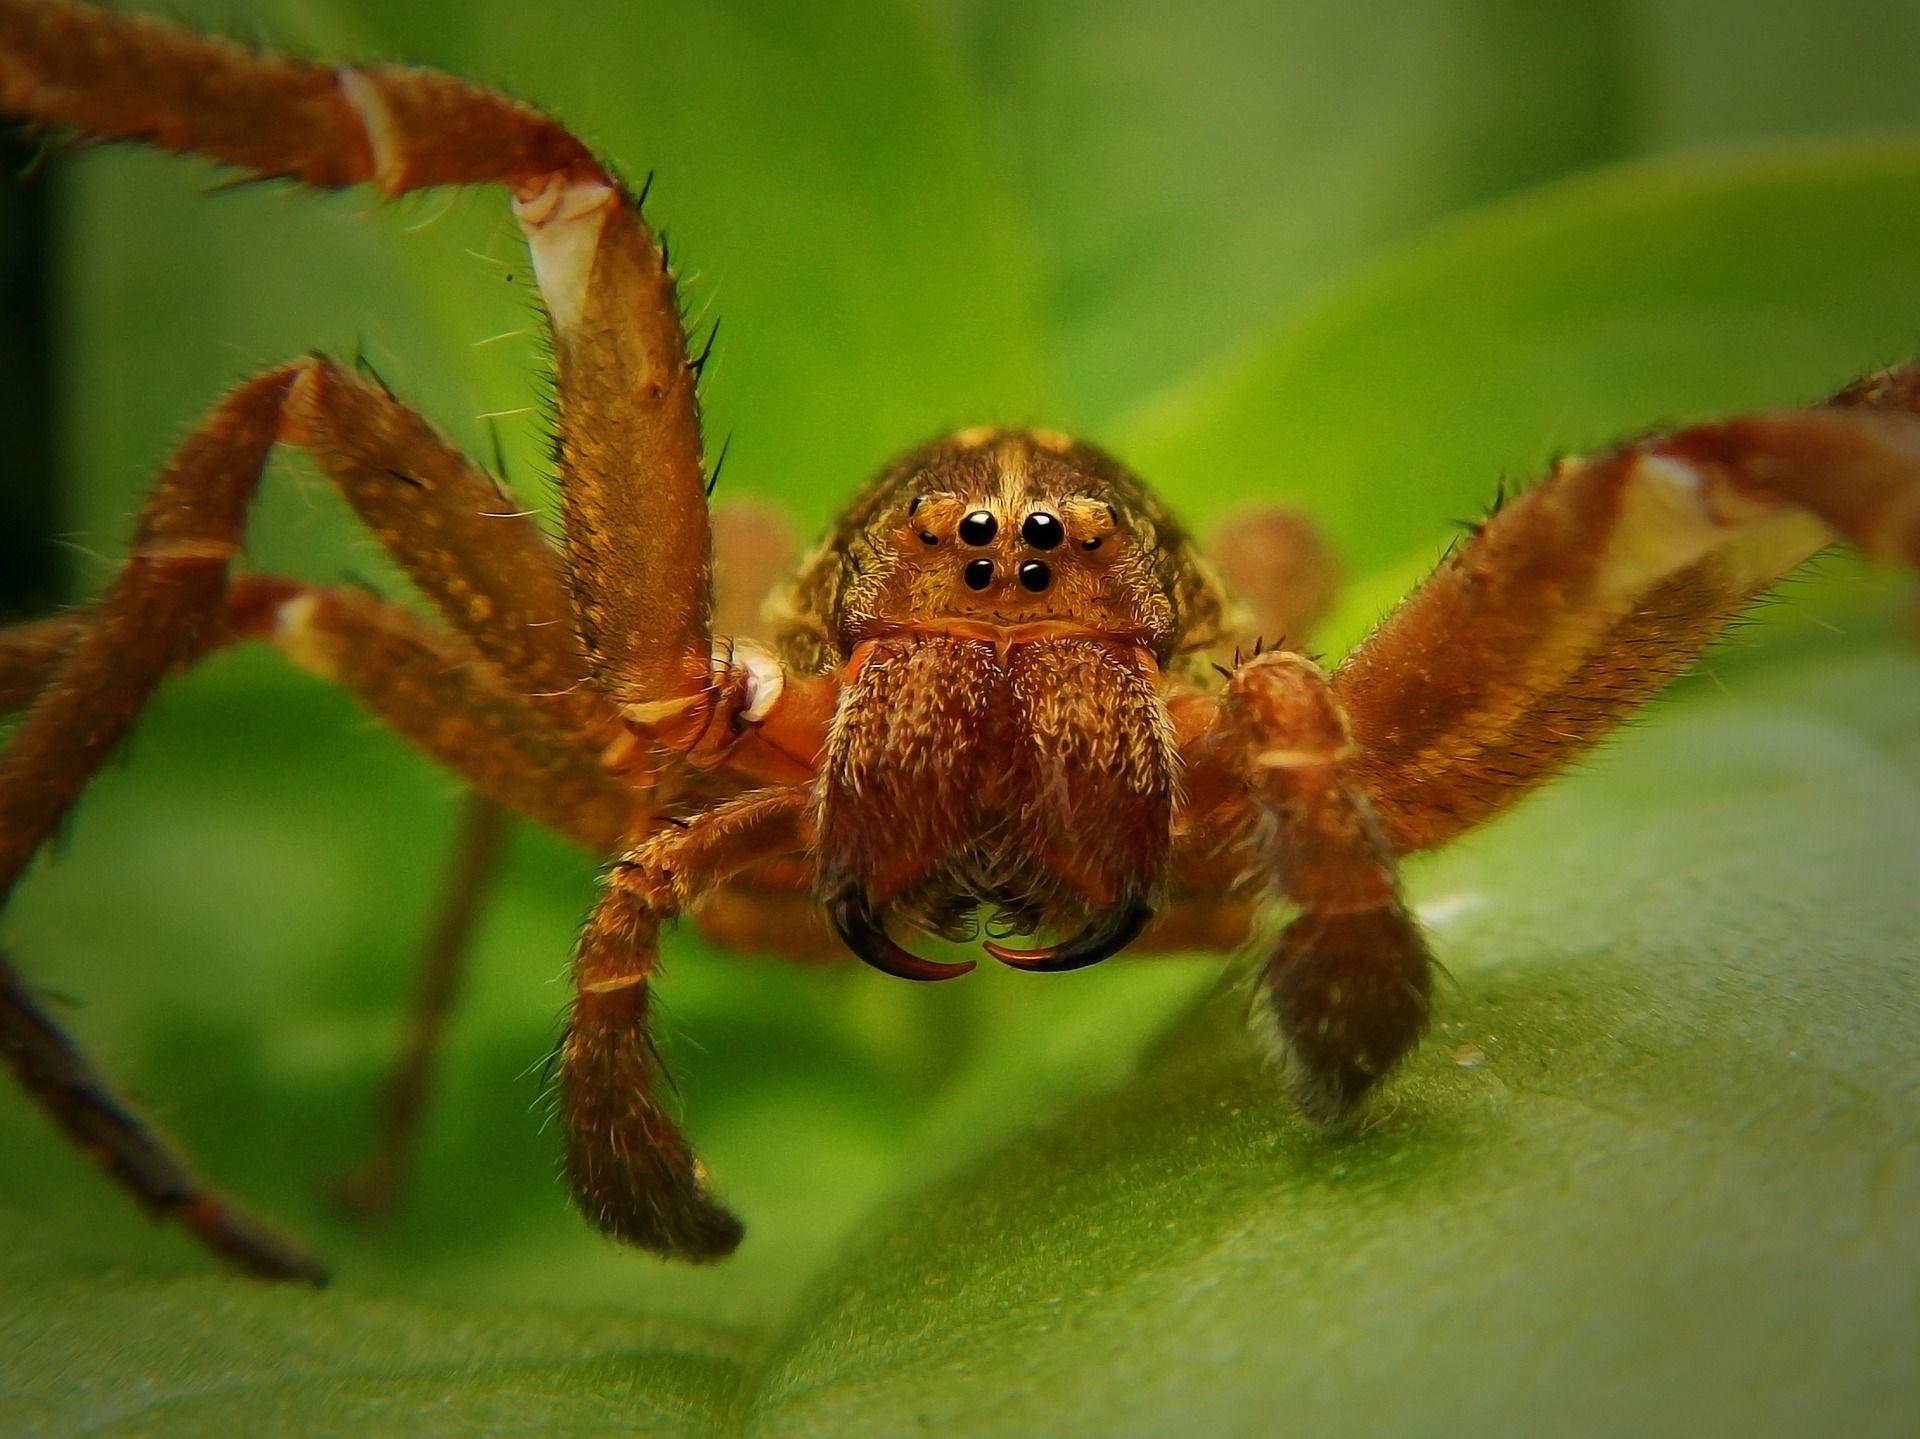 Смотреть фото паука тарантула бесплатно